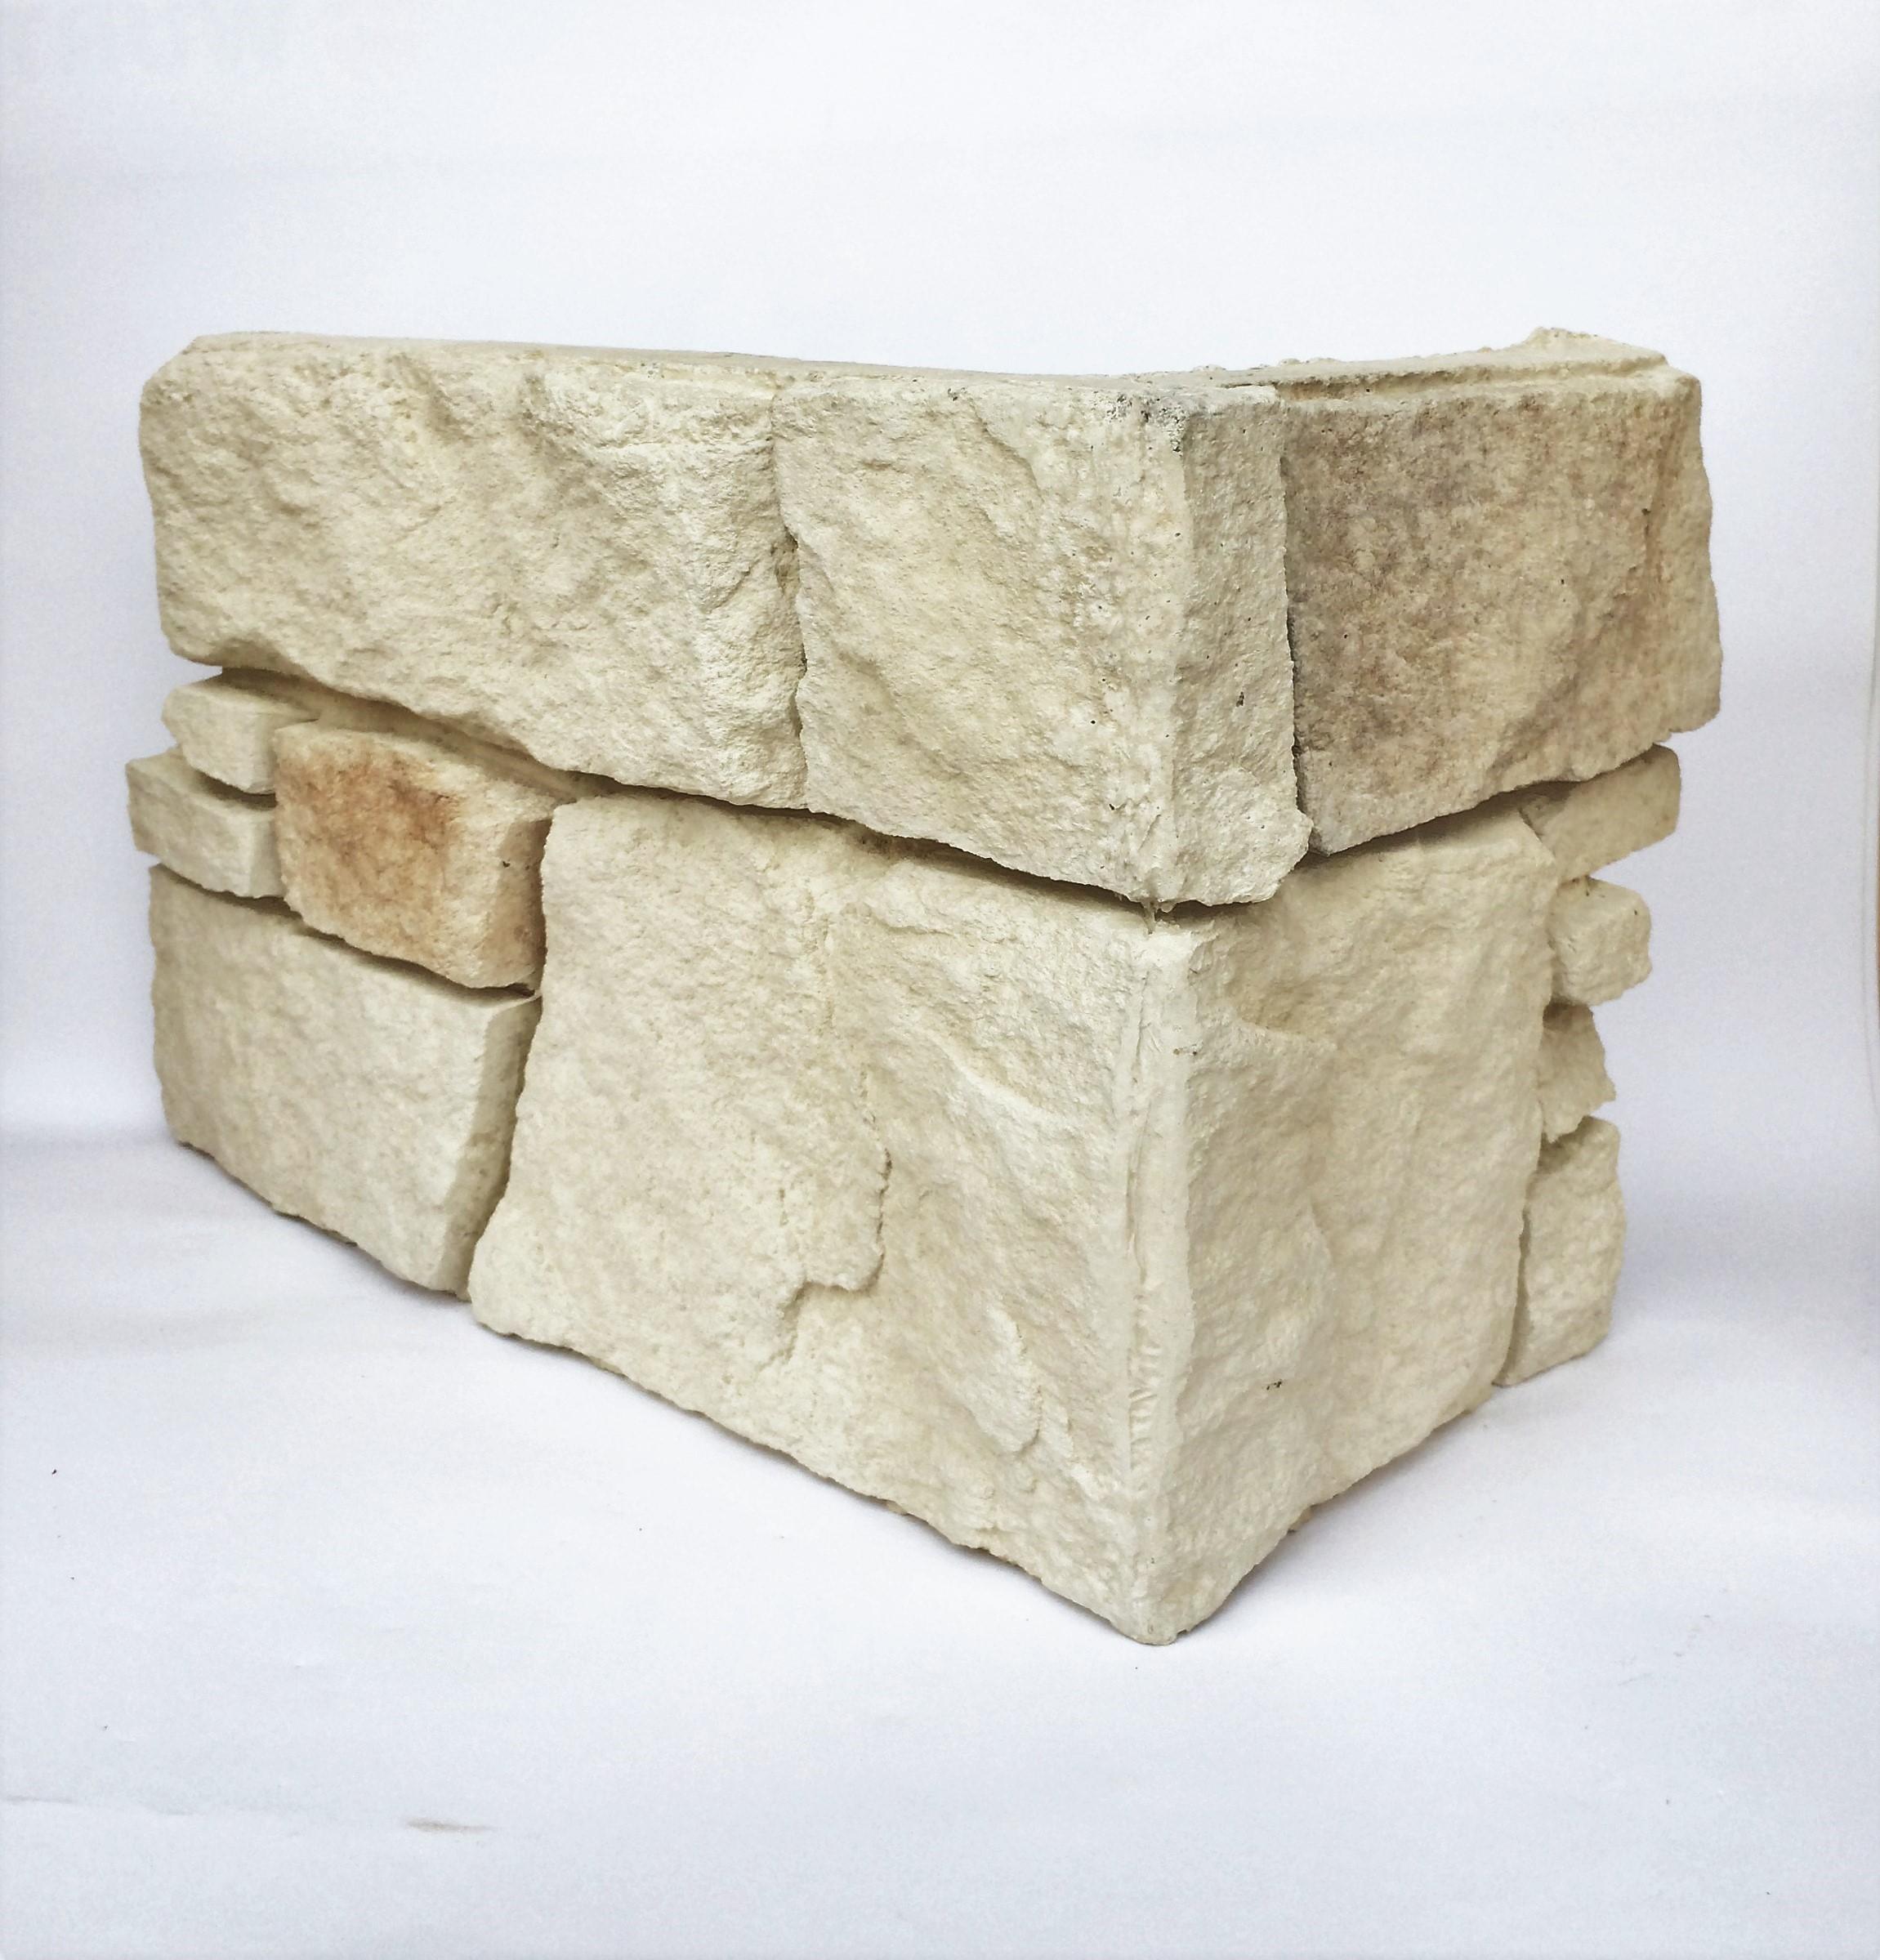 kamenné obklady Castelo, imitace kamene do interiéru, dekorační kámen do interiéru a exteriéru,rohový prvek Castelo Alicante 281